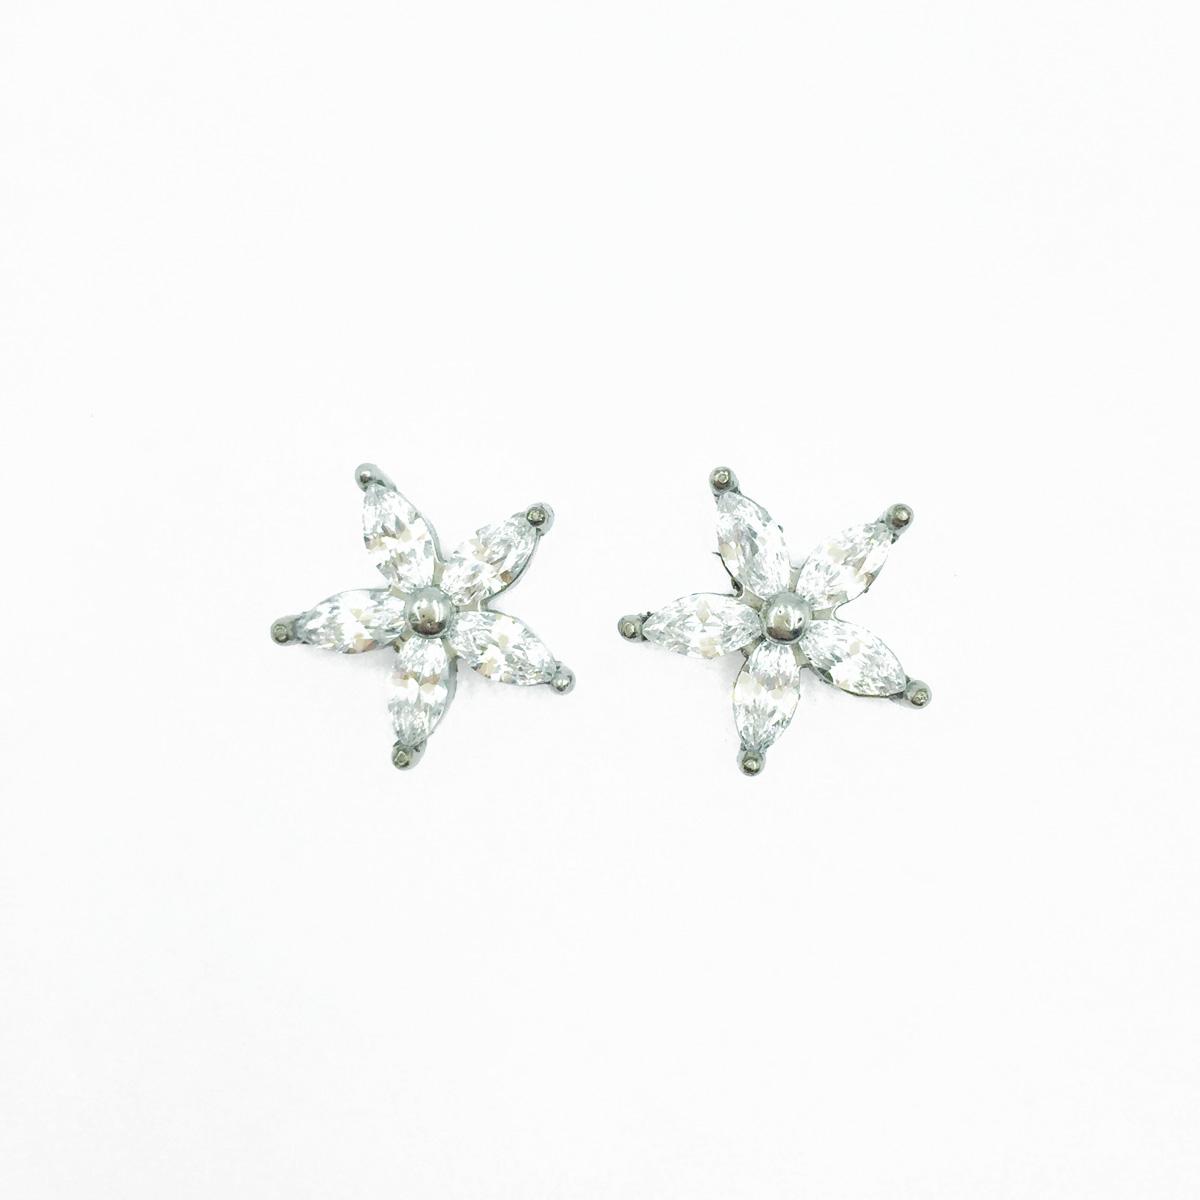 韓國 不鏽鋼 水鑽花 爪鑽 閃耀 甜美簡約風 後轉耳針式耳環